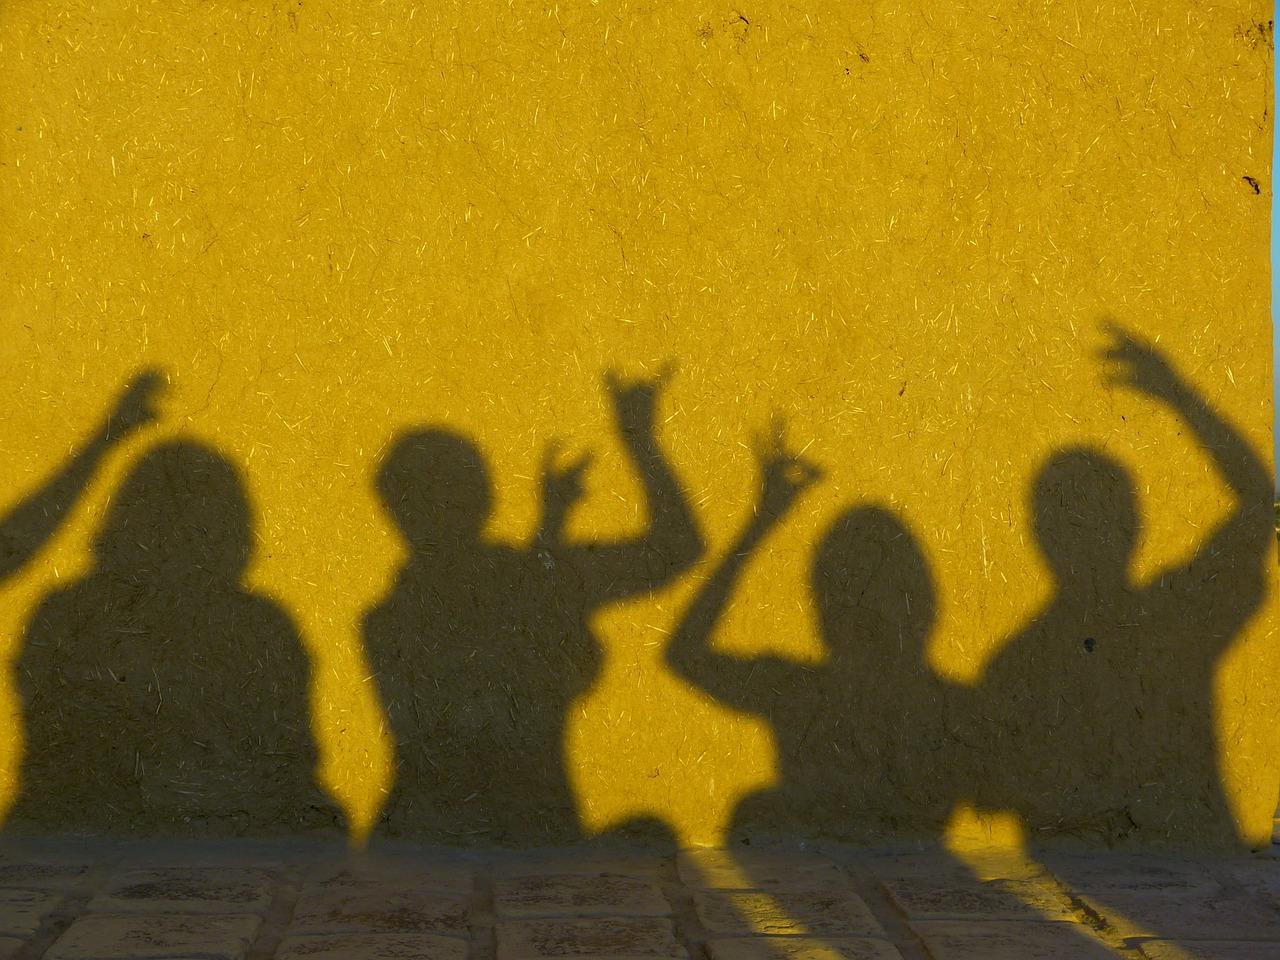 shadows (not shades)